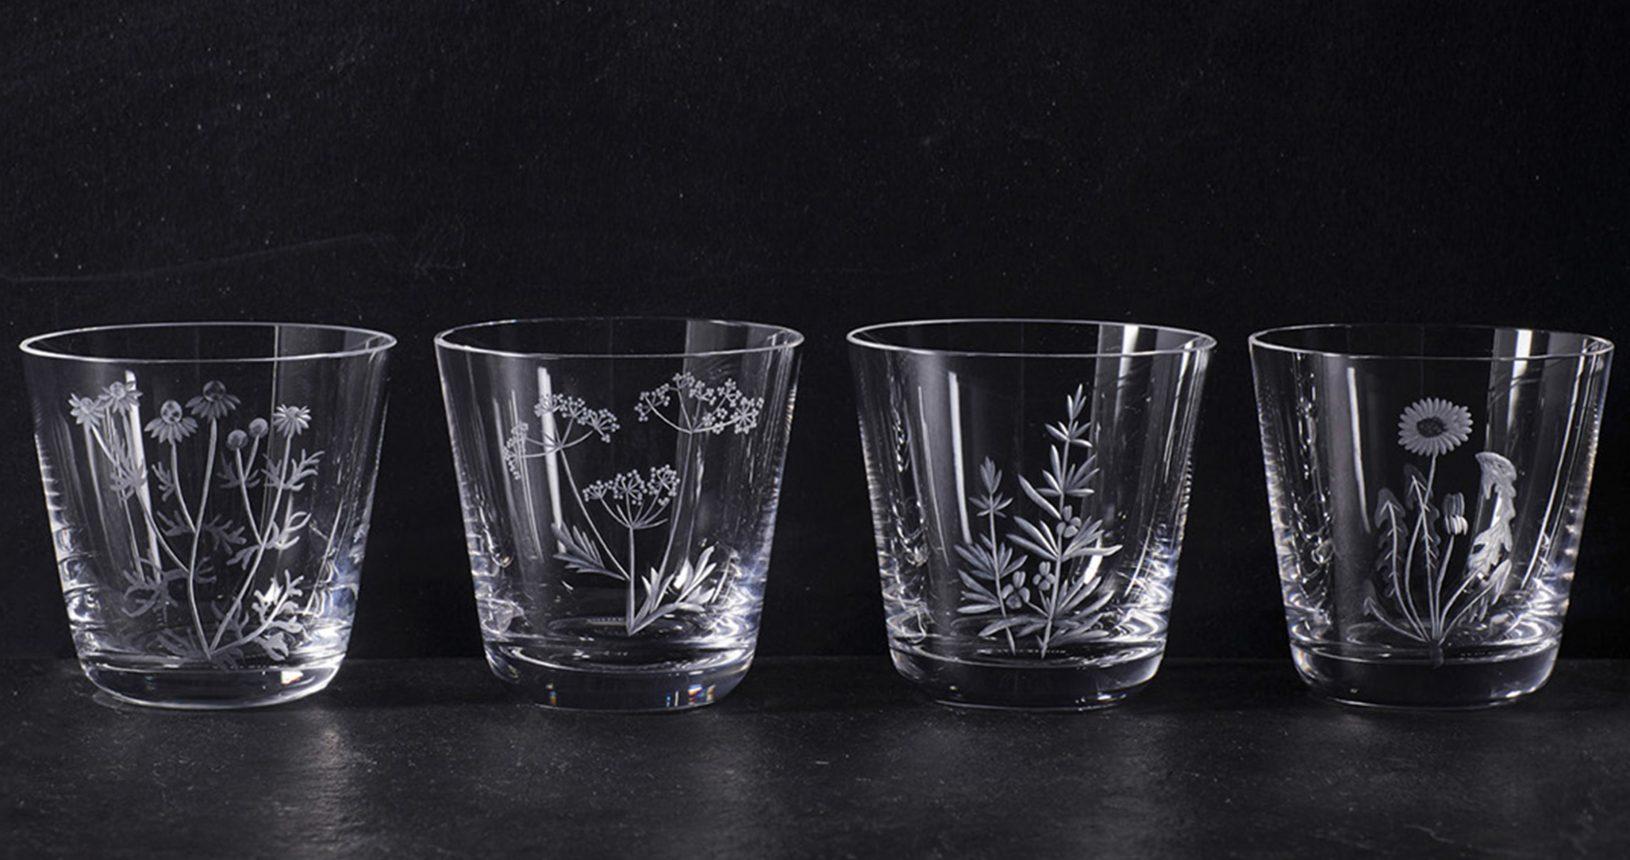 rotter glas manufaktur l beck geschliffenes kristallglas. Black Bedroom Furniture Sets. Home Design Ideas